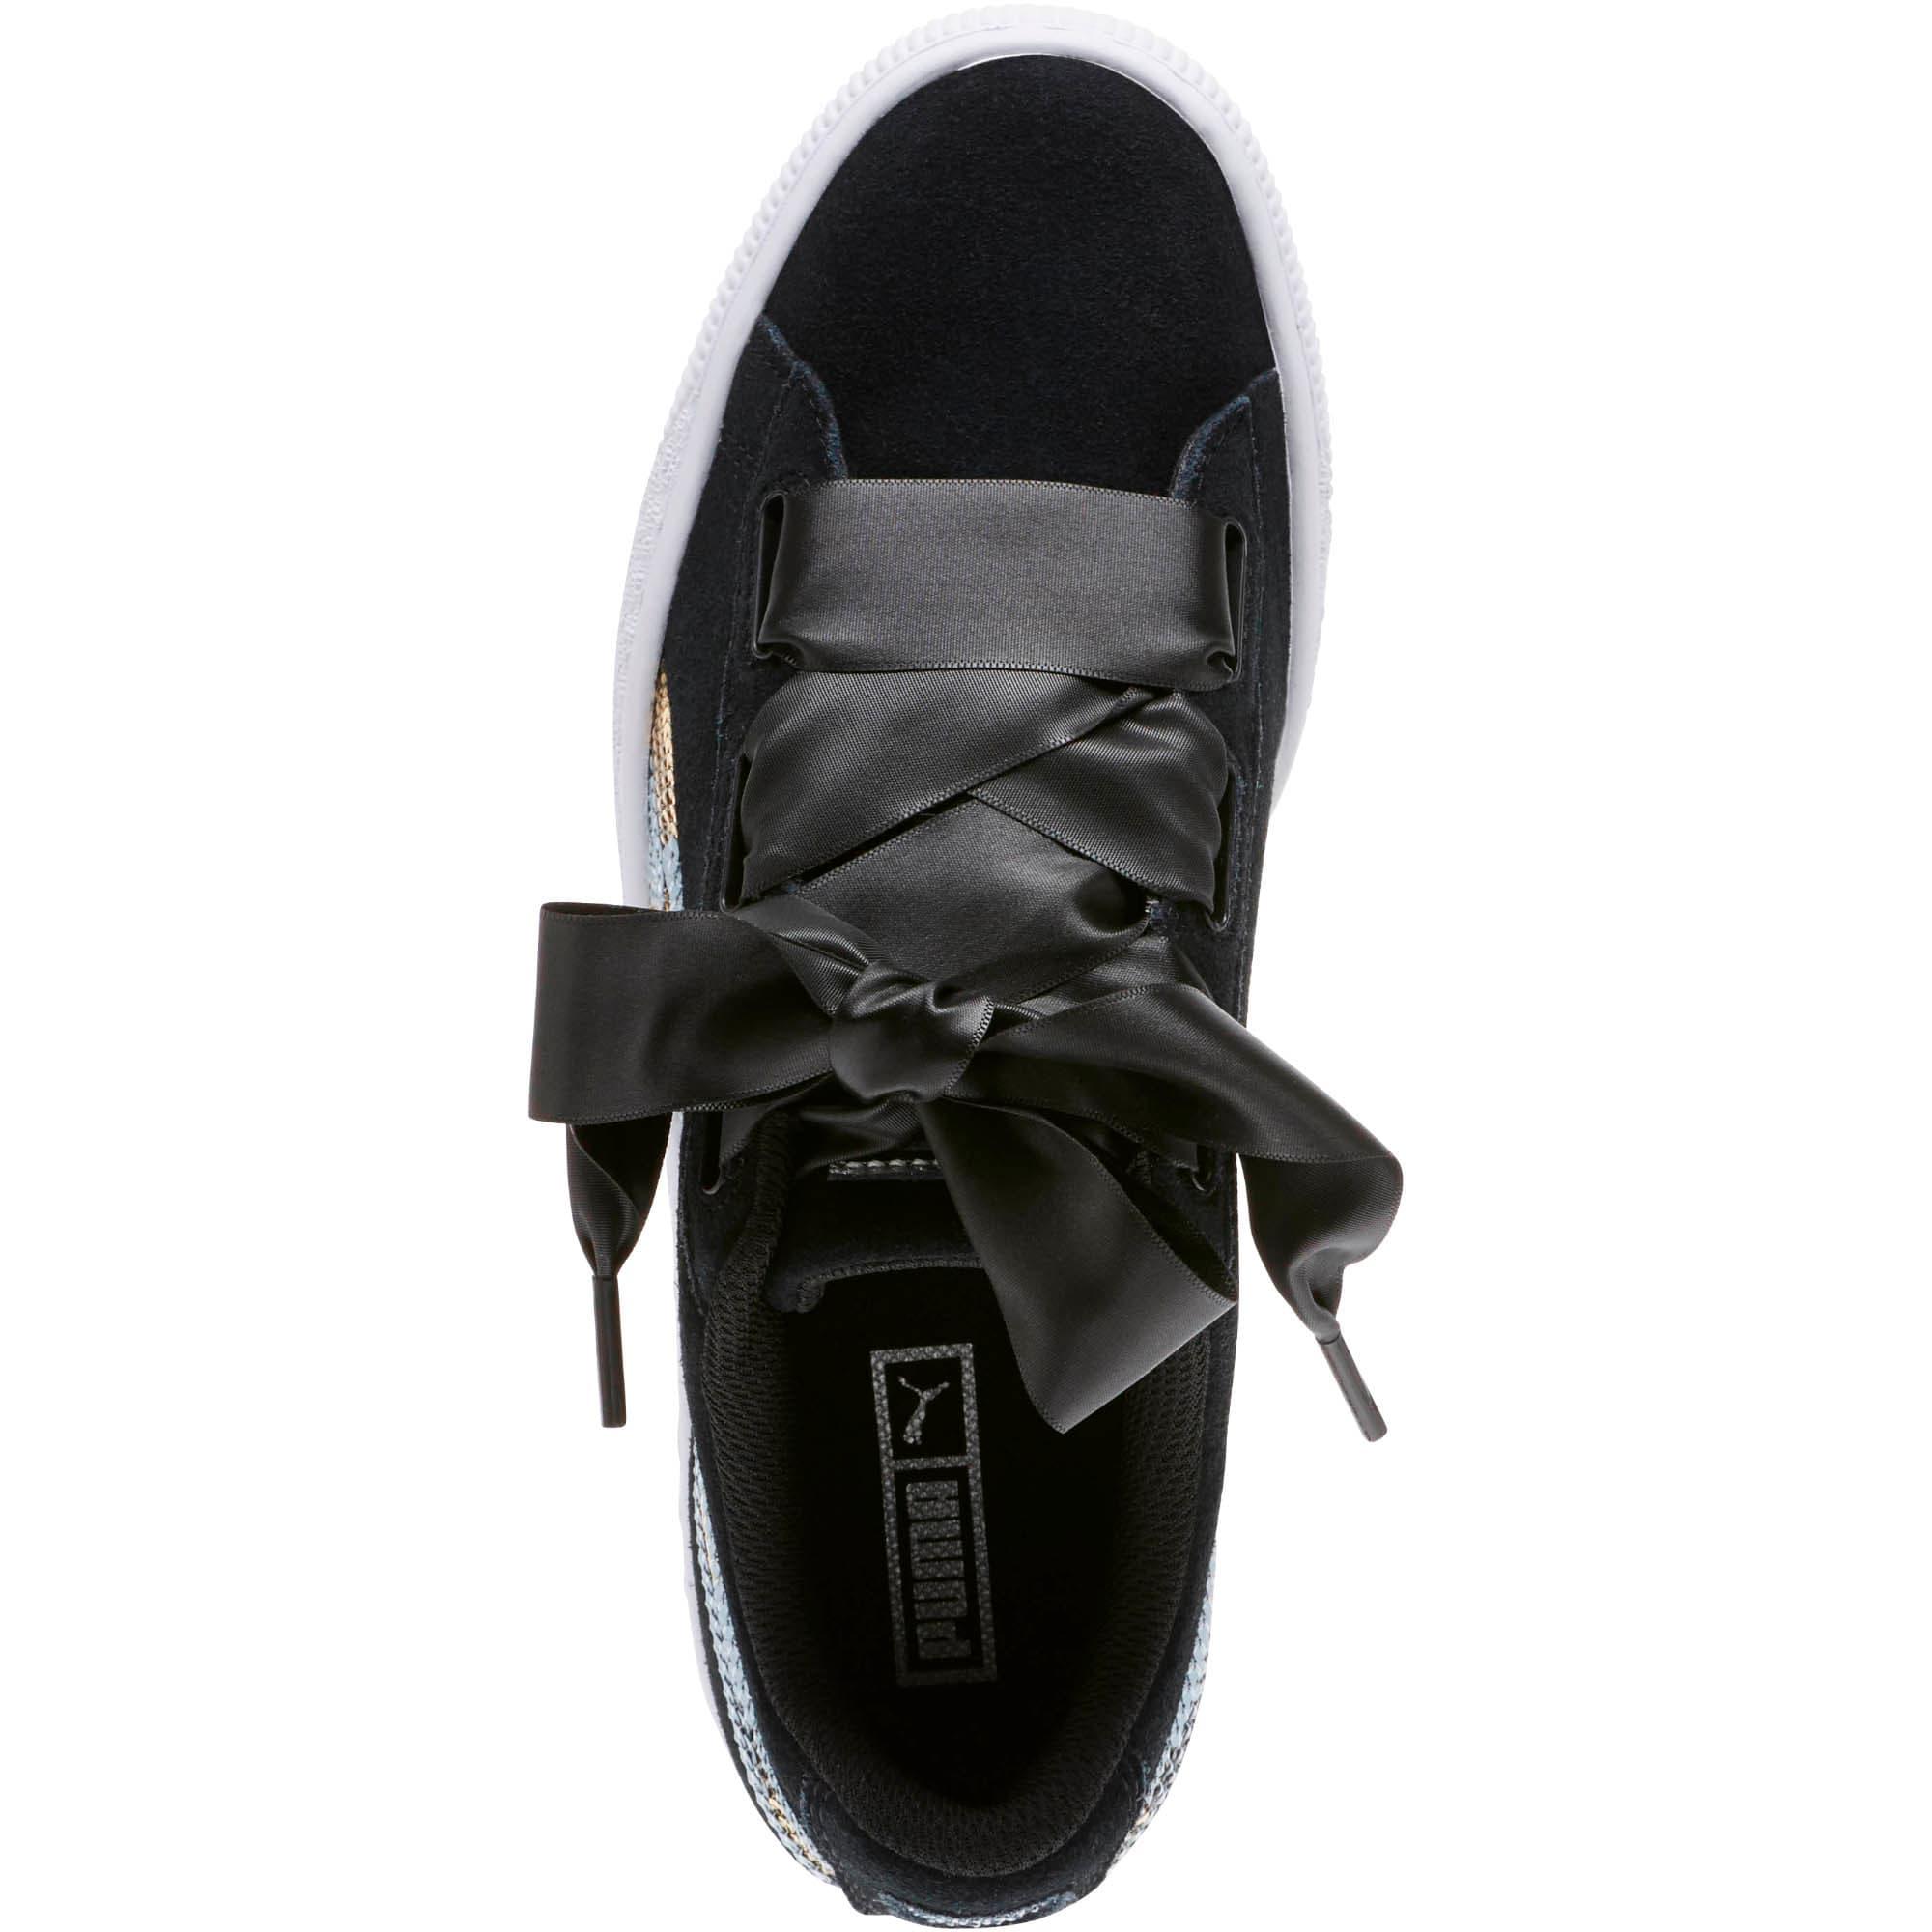 Miniatura 5 de Zapatos deportivos con lentejuelasSuede Heart Trailblazer JR, Puma Black-Puma Team Gold, mediano